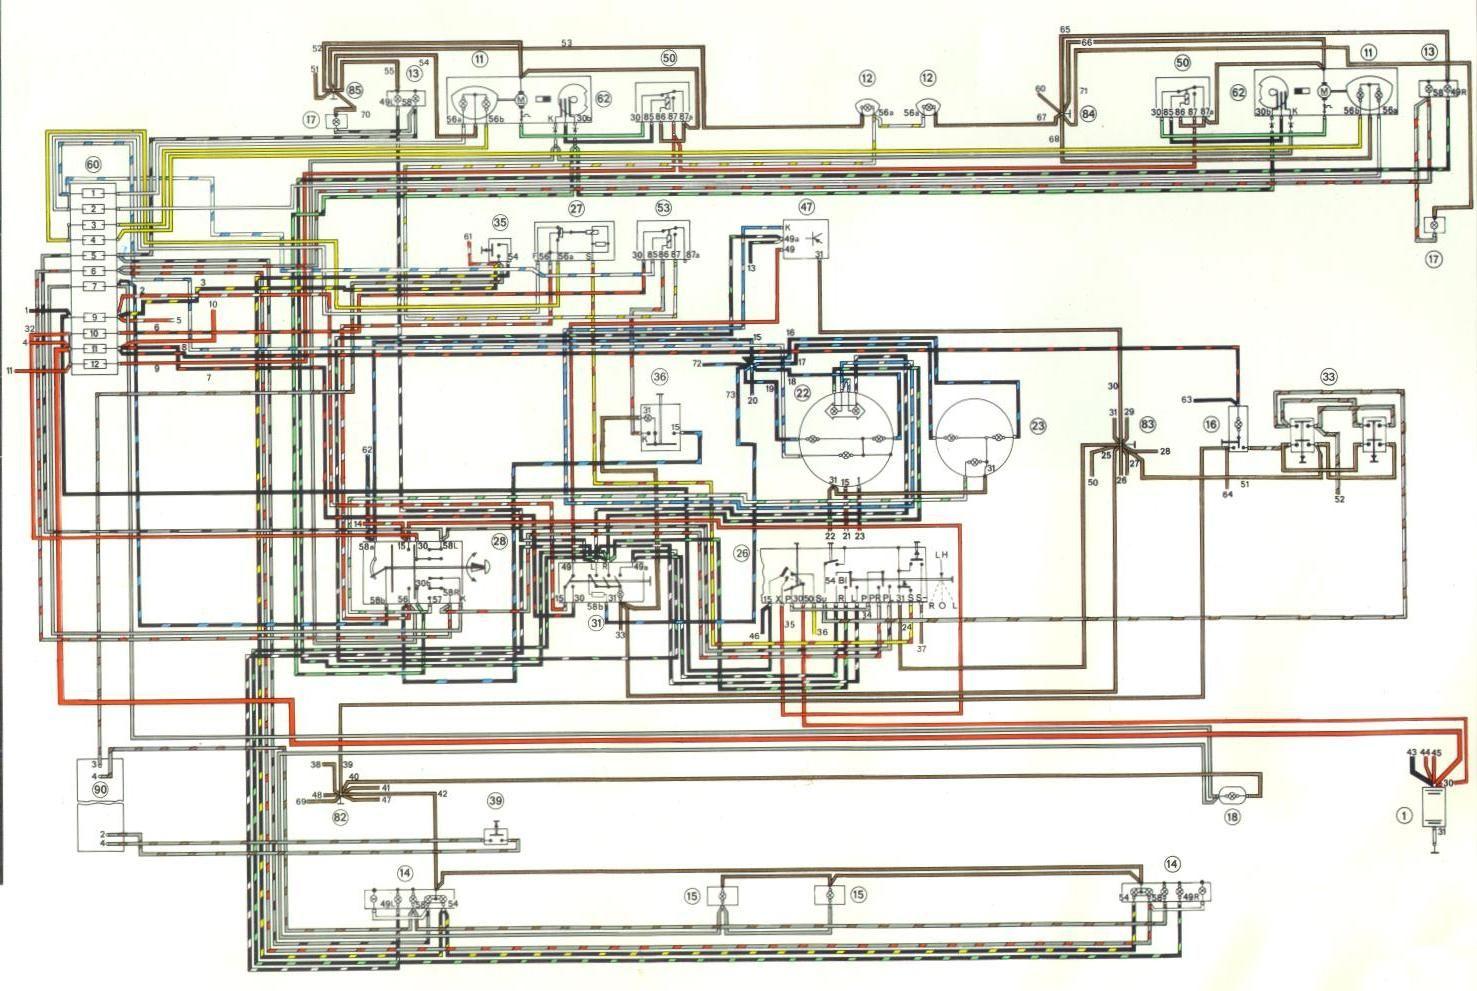 Electrical Diagram 73 Porsche 914 part 1 | Porsche 914